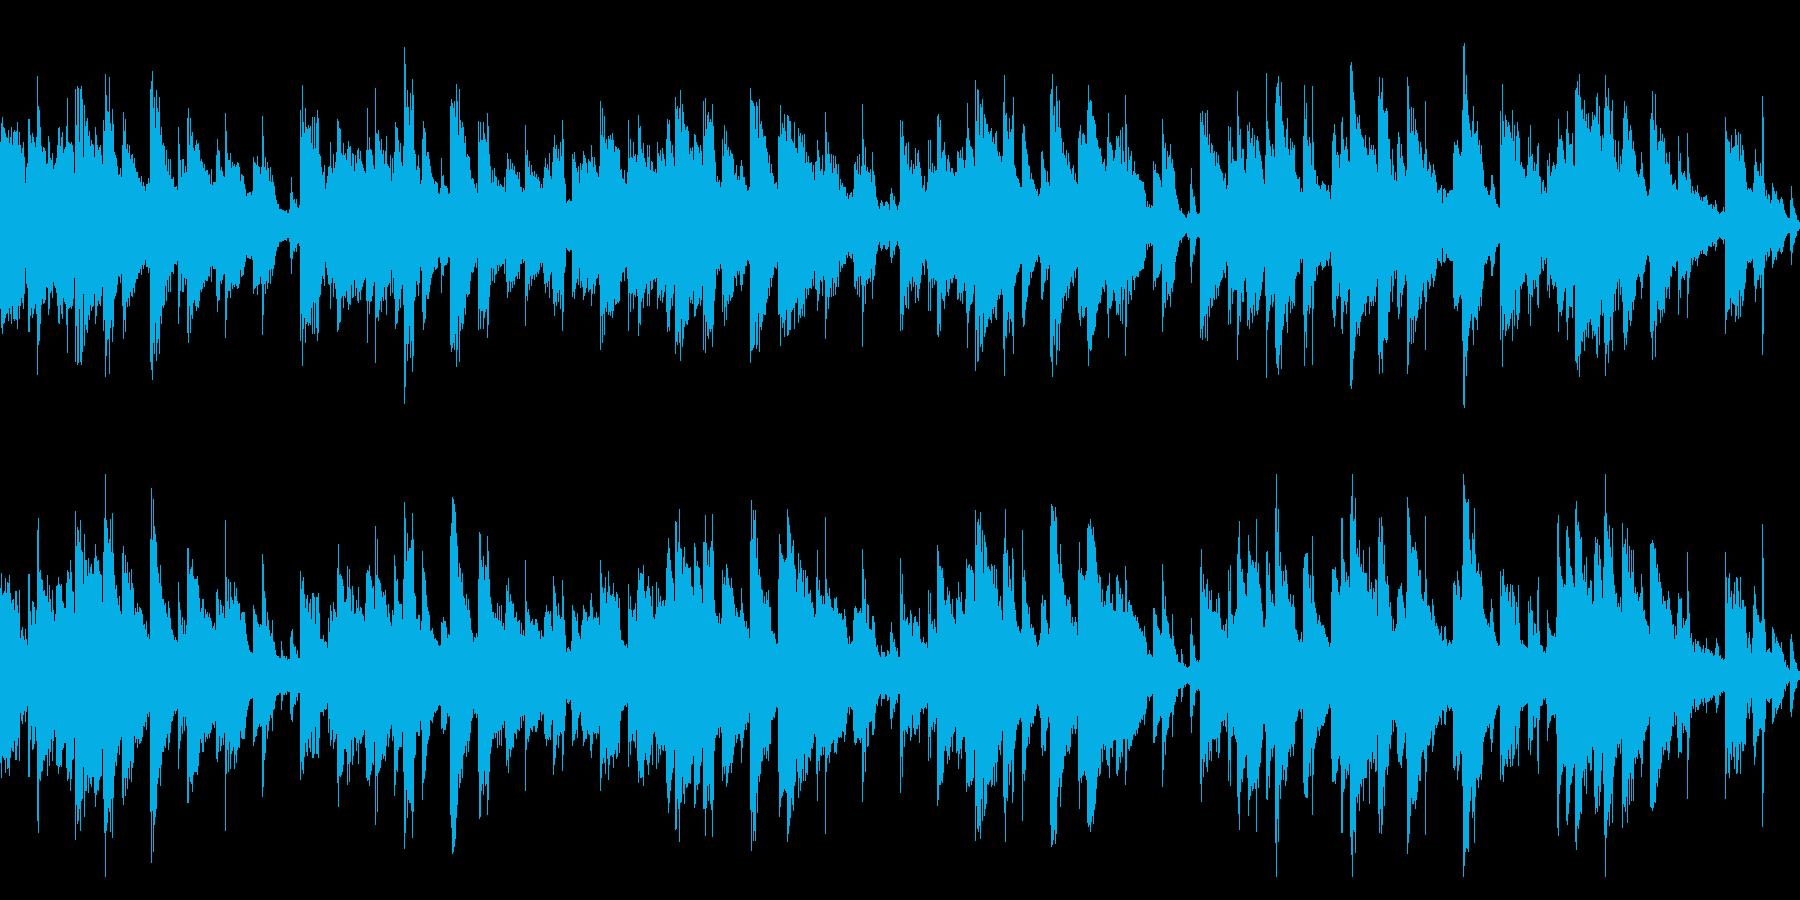 そよ風が歌うようなピアノ曲(ループ)の再生済みの波形